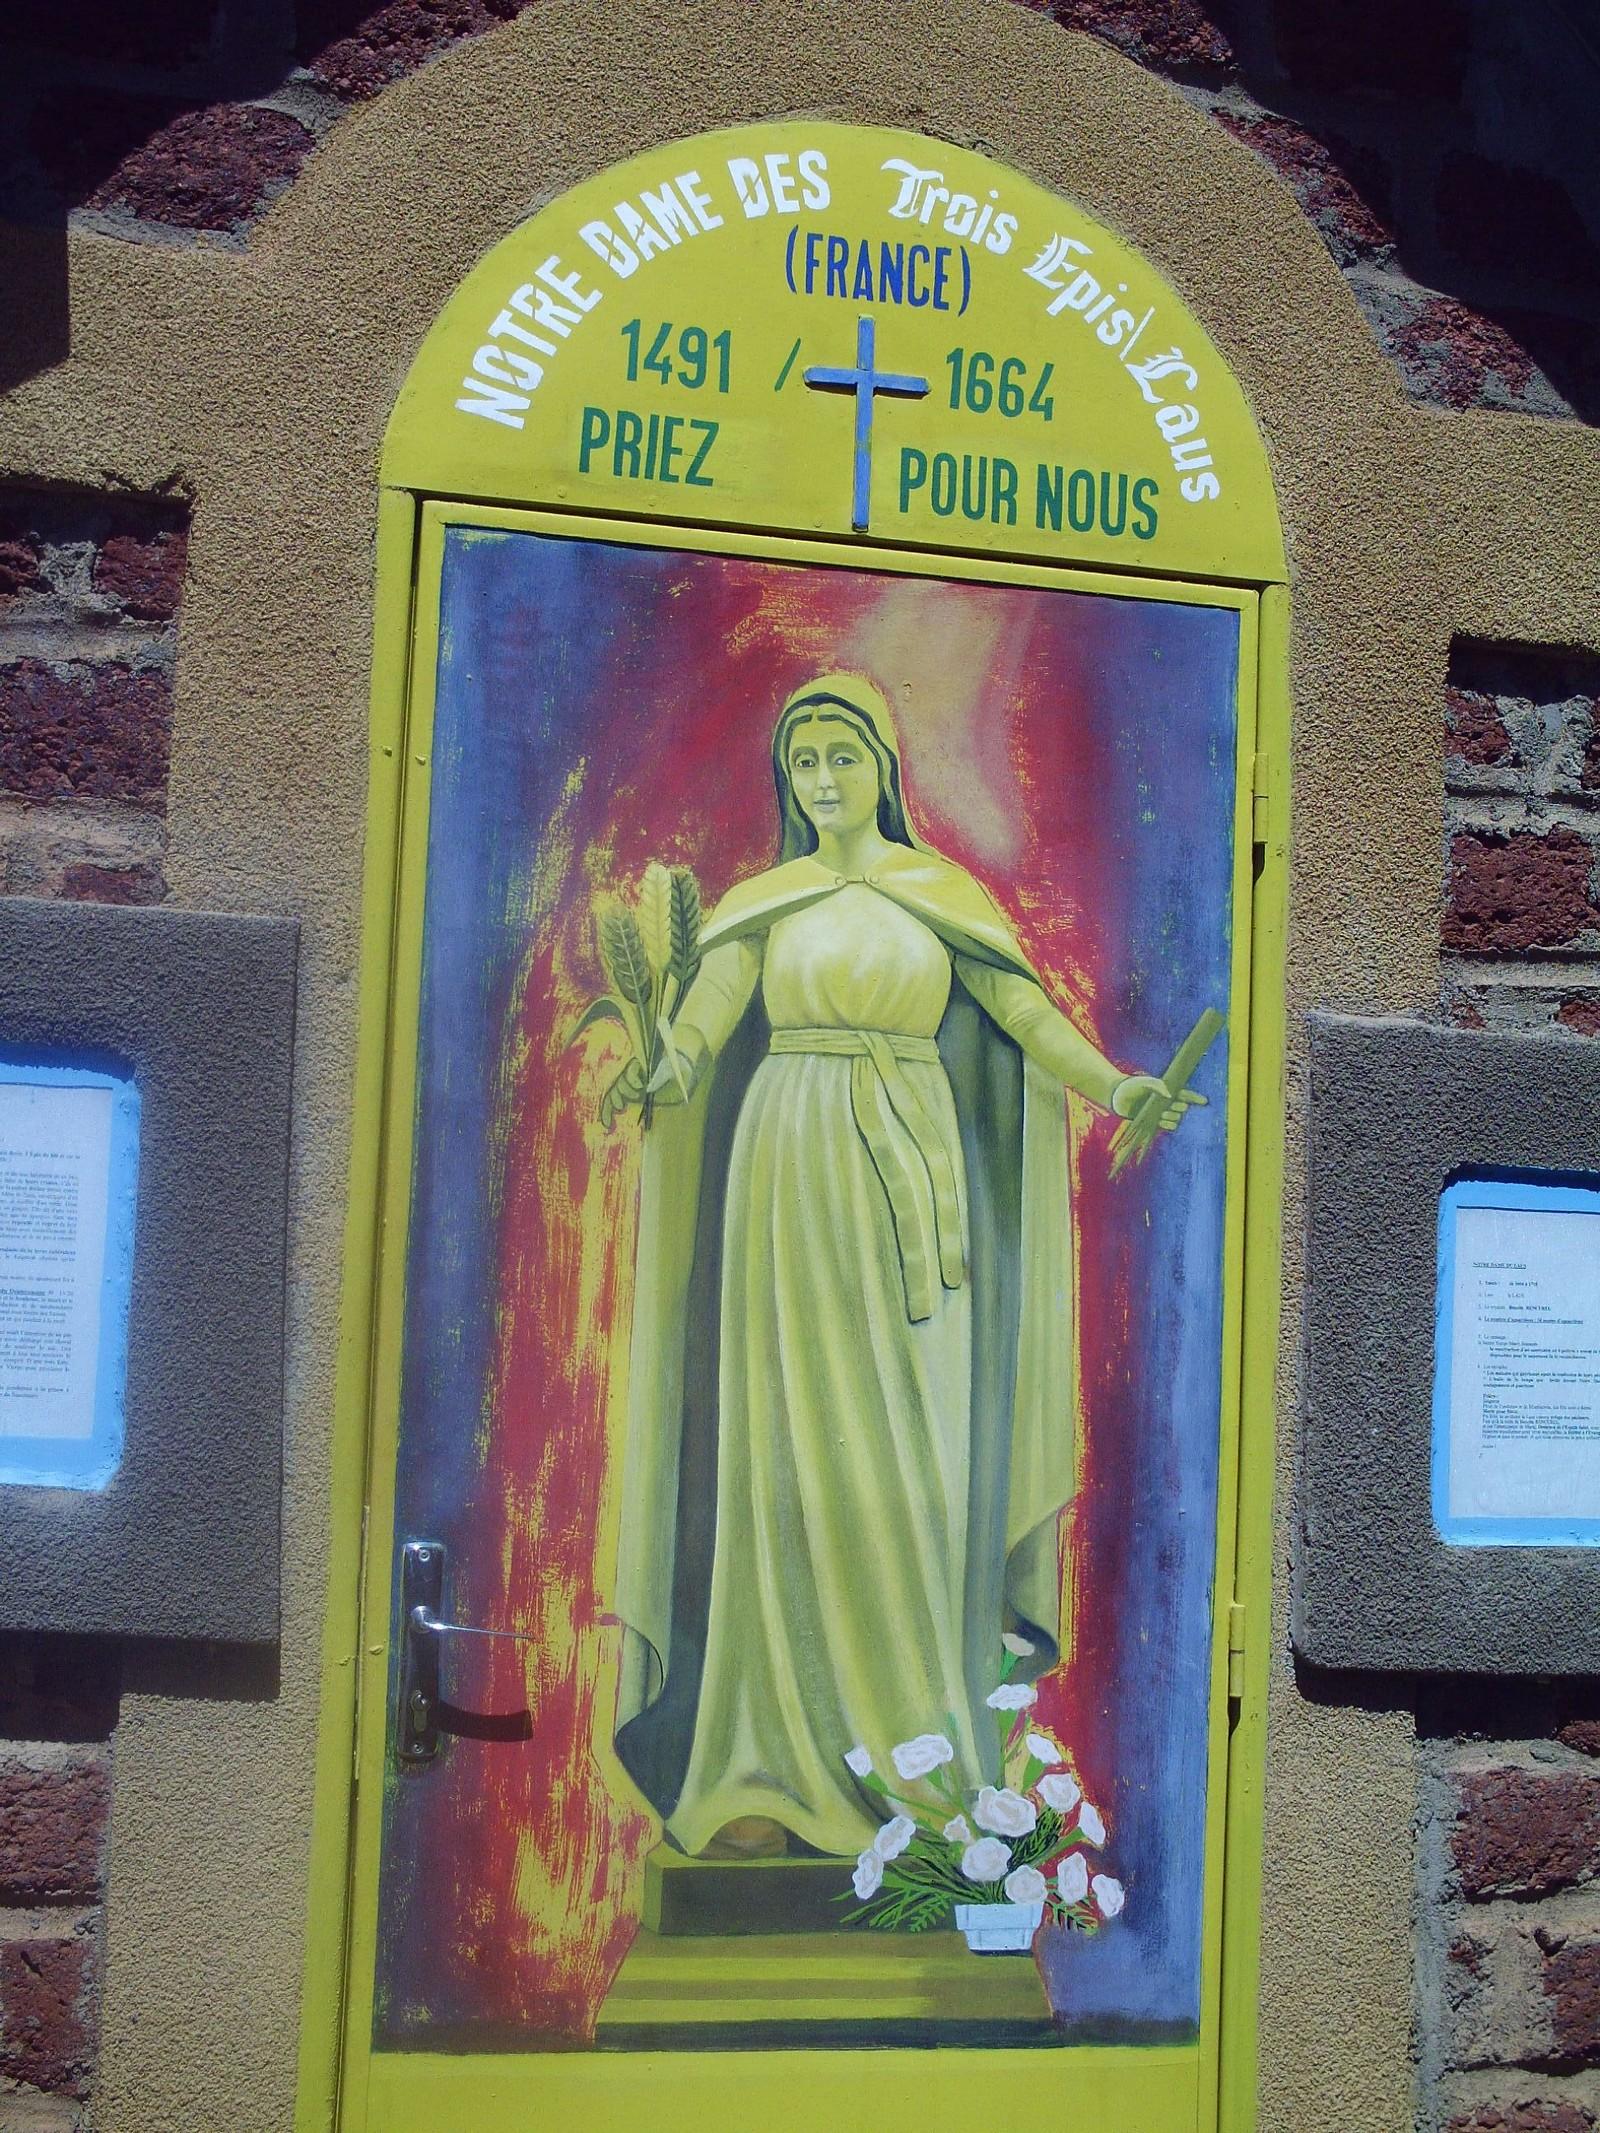 Aparición llama a la Conversión: Nuestra Señora de las Tres Espigas, Francia (14 de septiembre)